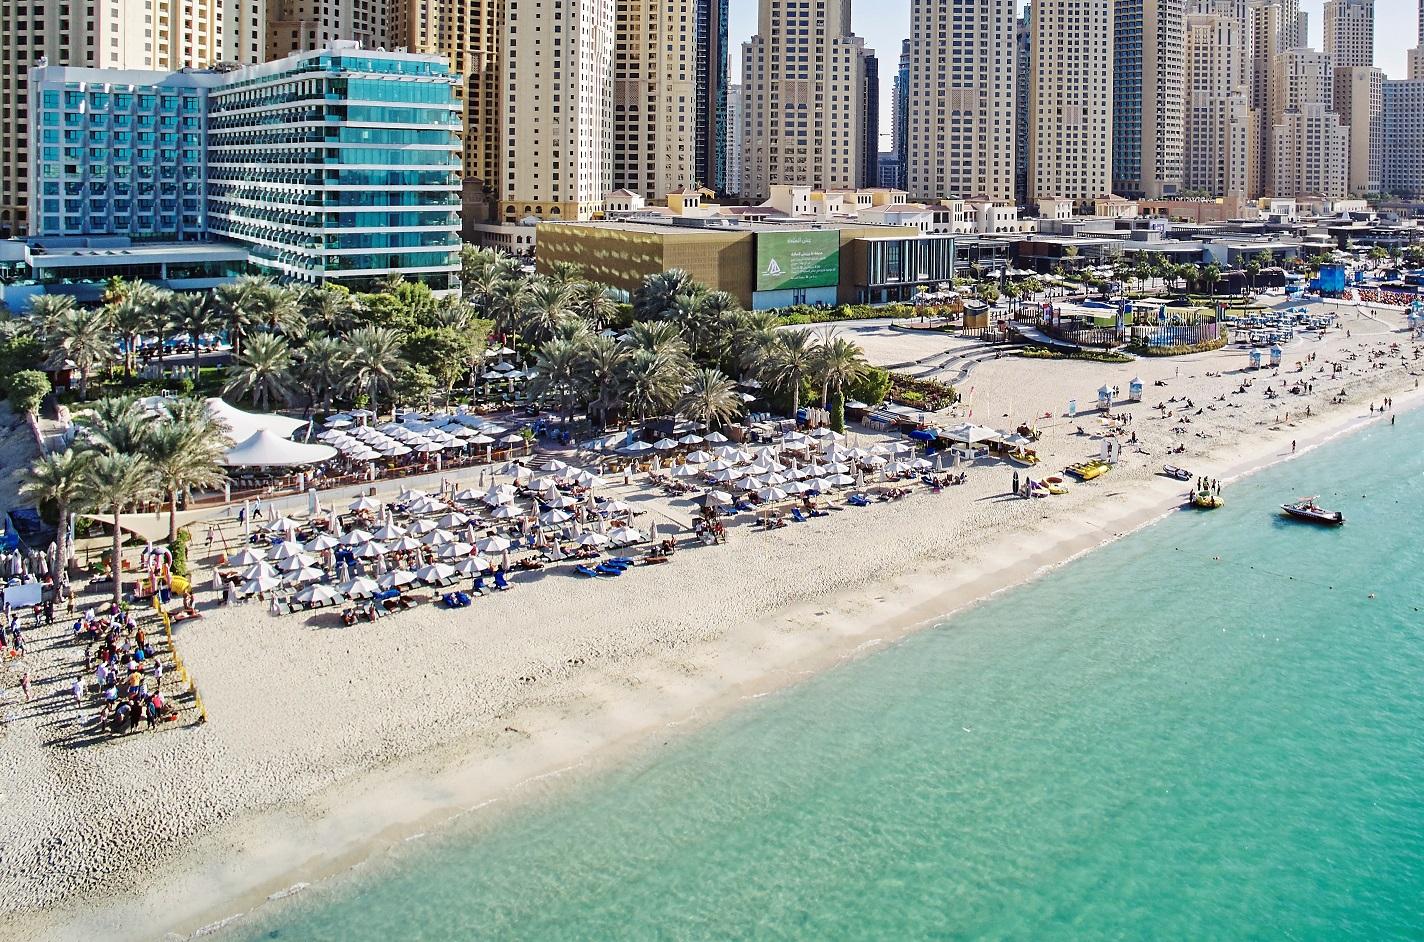 صيف الإمارات.. عروض ومكافآت تثلج قلب المقيمين والزوار